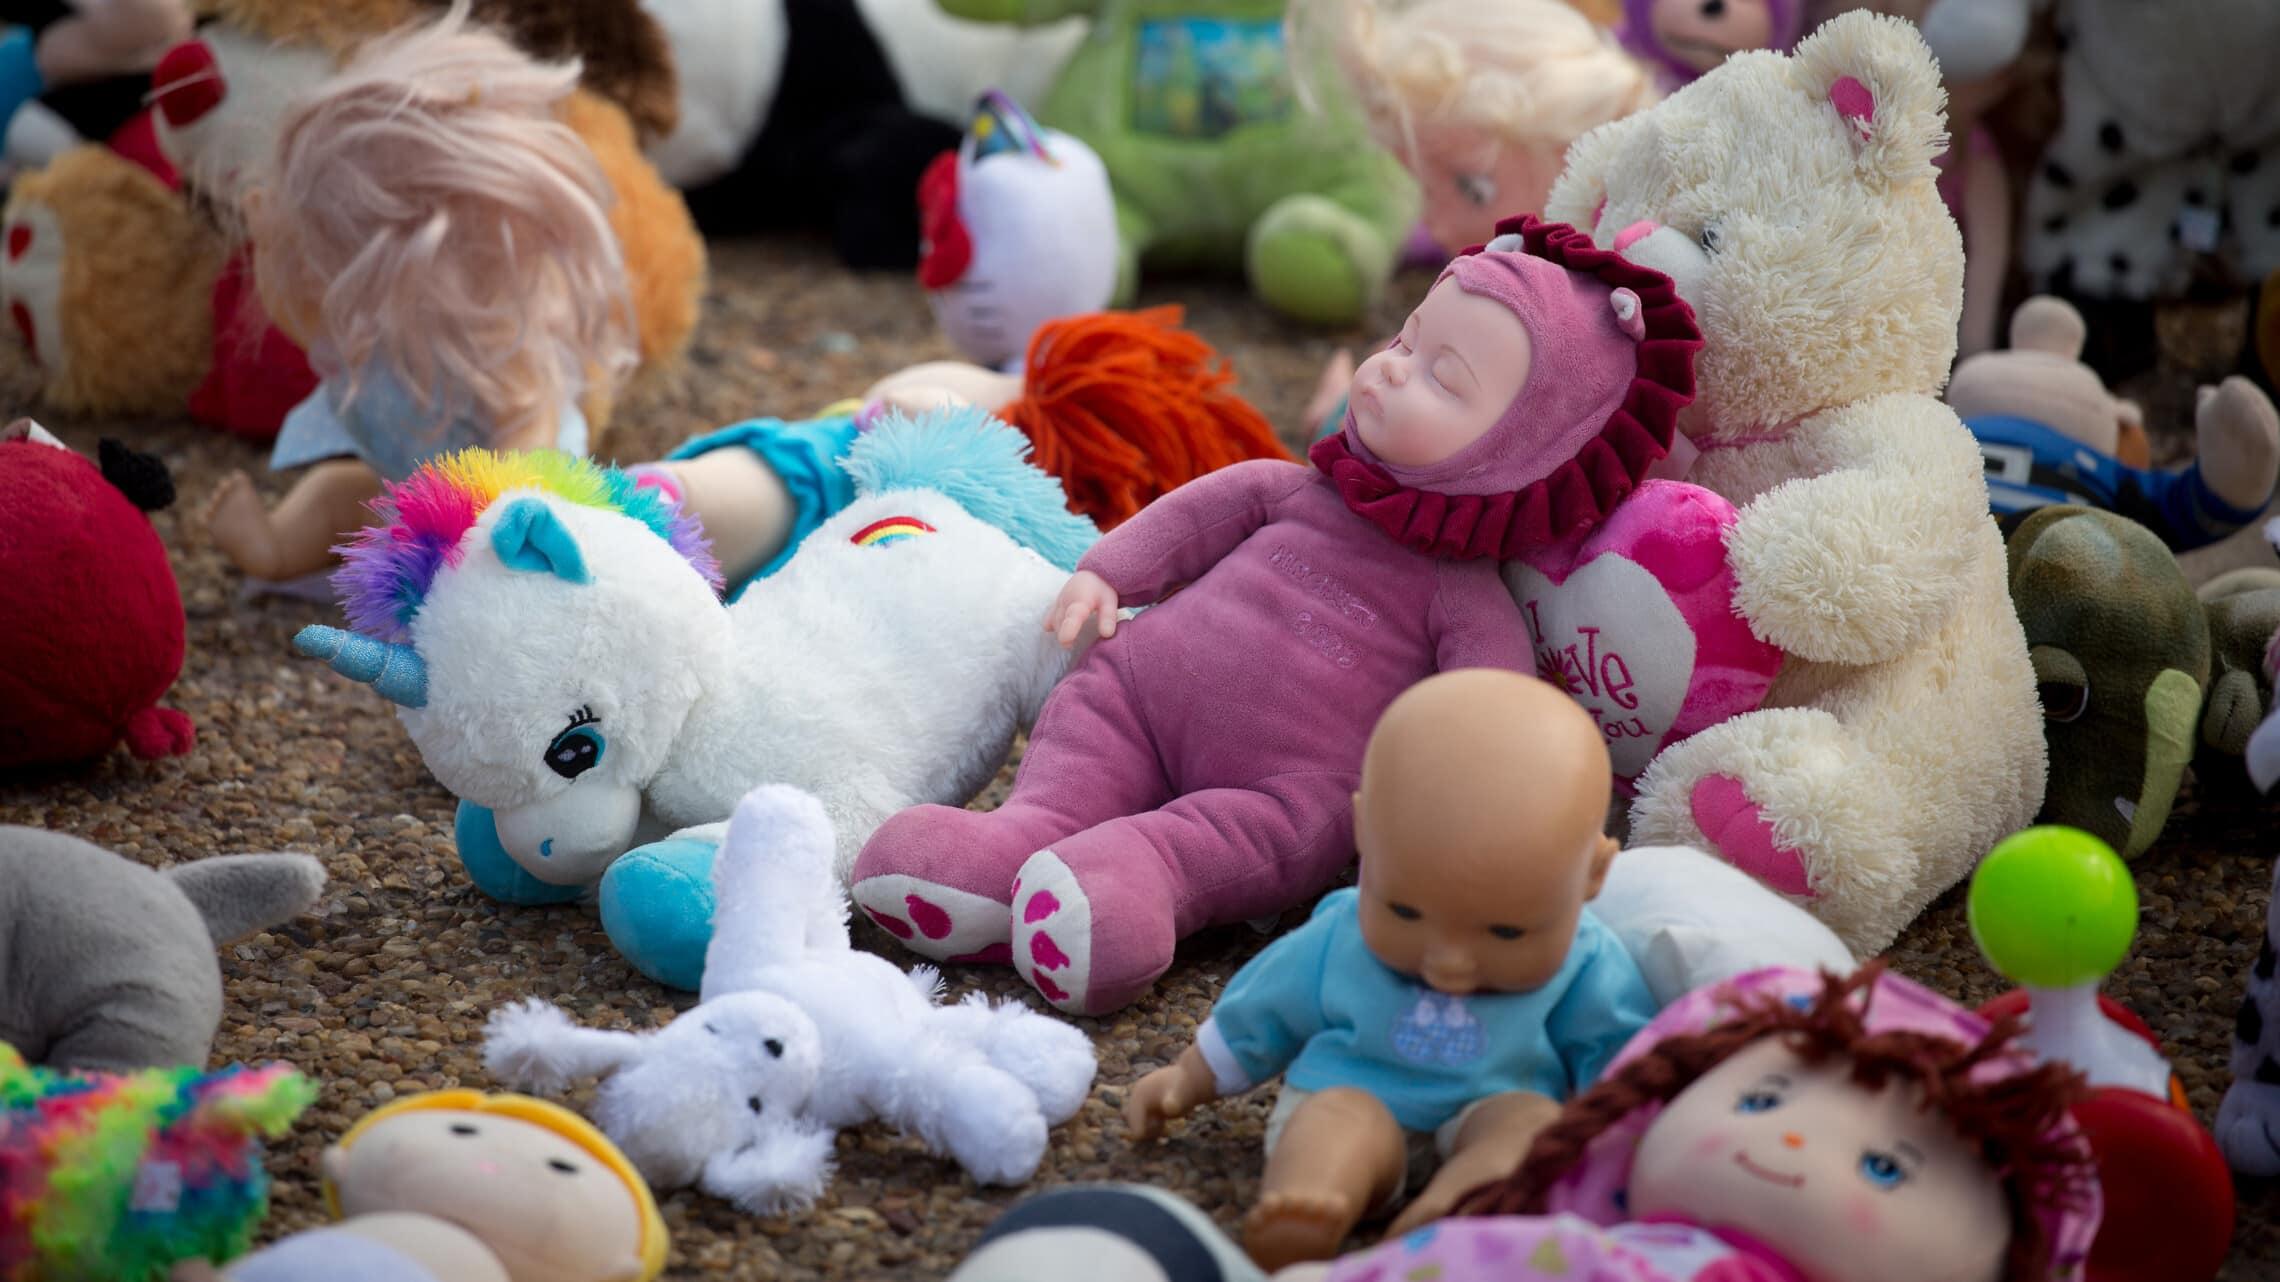 מאות בובות הונחו בכיכר רבין בתל אביב כחלק ממחאה על ההתעללויות בפעוטות במשפחתונים וגני ילדים, 1 בספטמבר 2020 (צילום: מרים אלסטר/פלאש90)